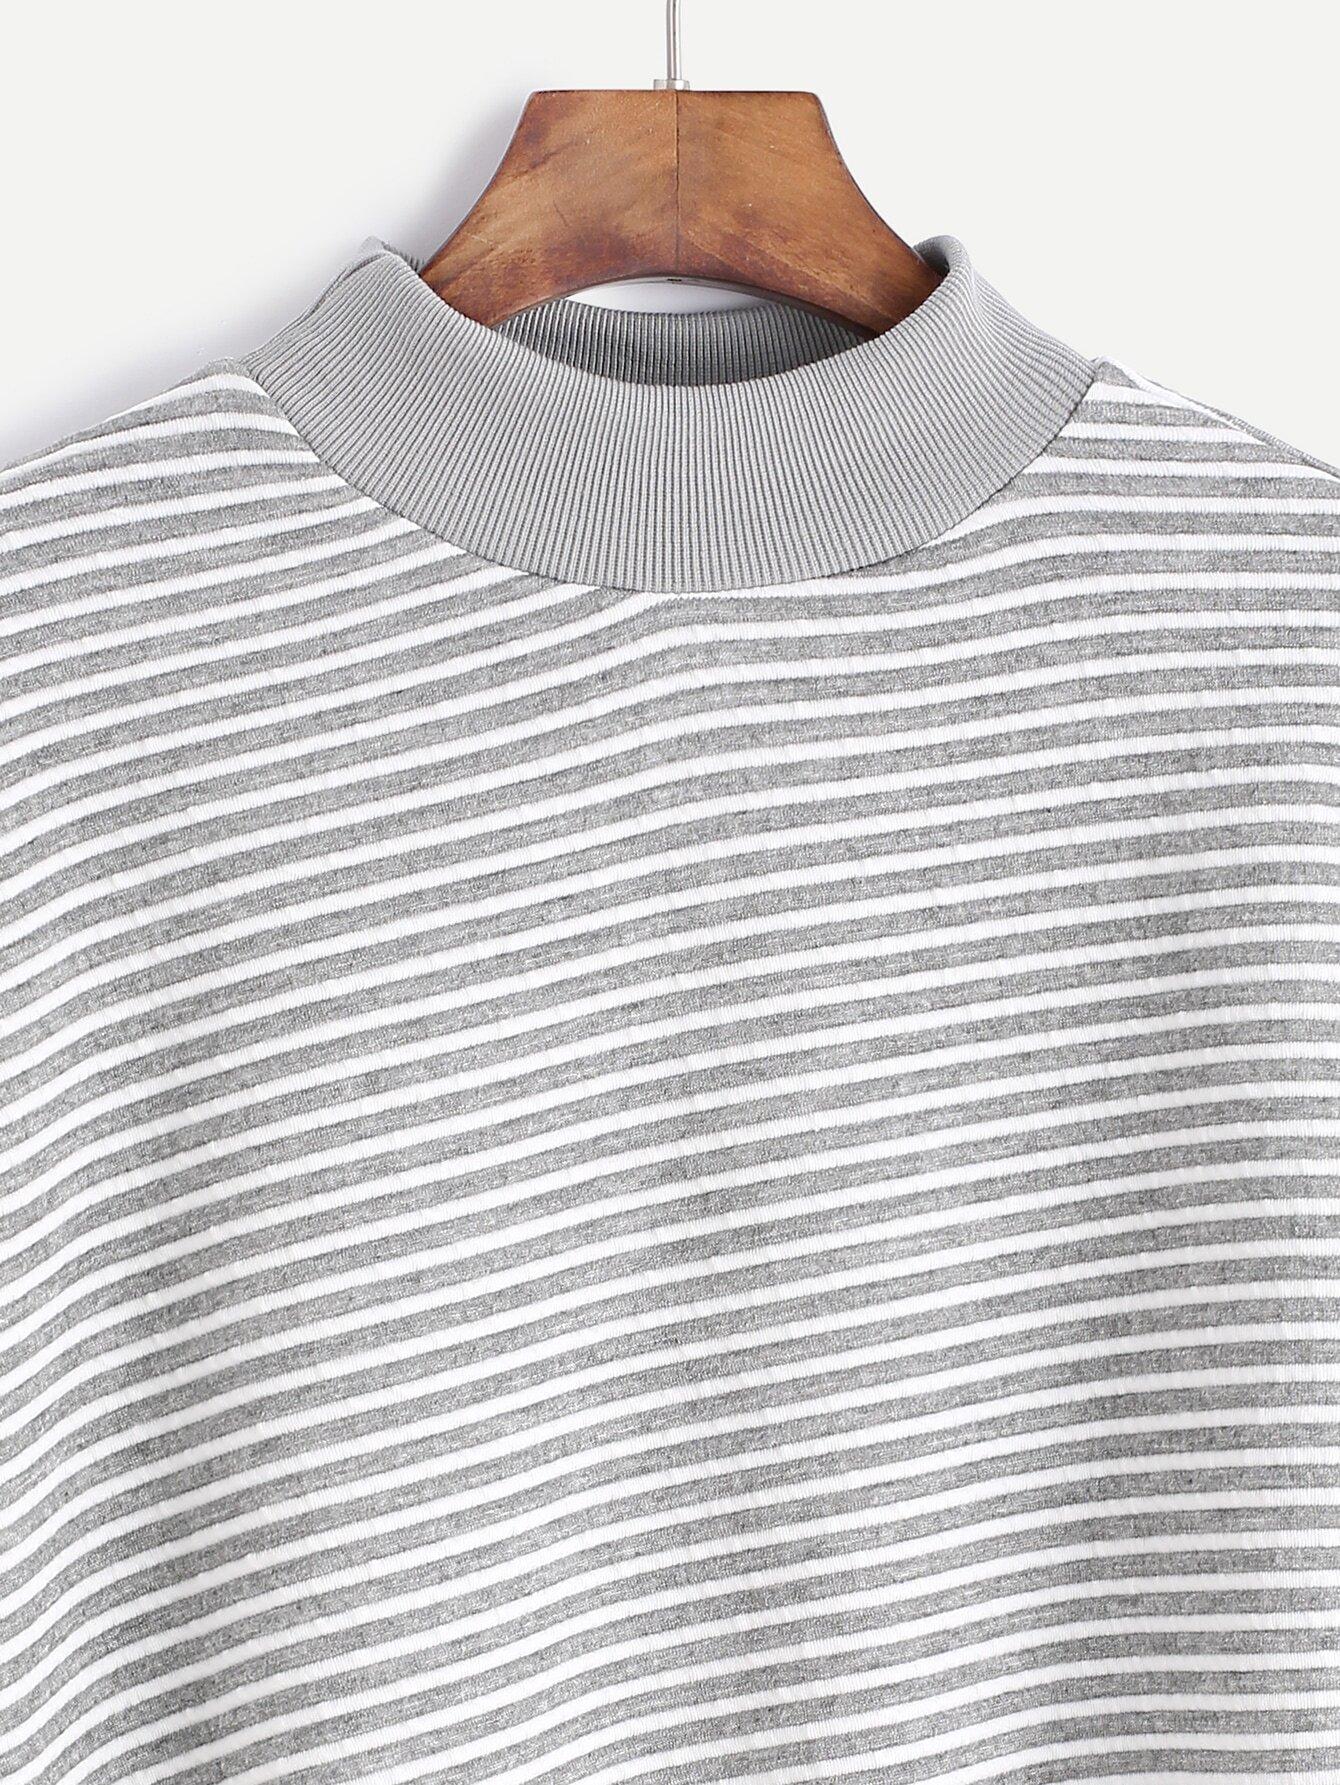 sweatshirt161027101_2